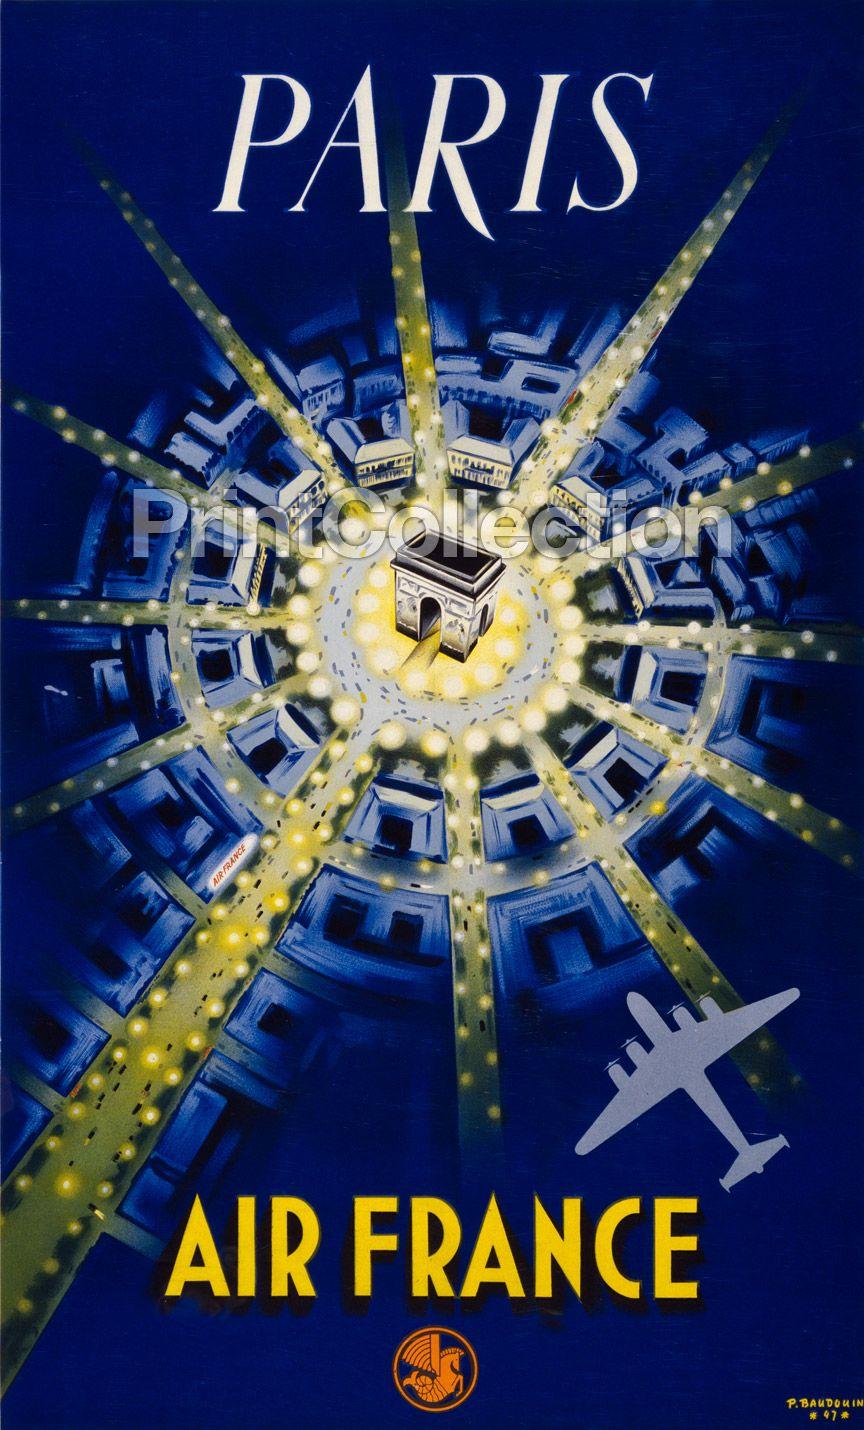 Paris. Air France / P. Baudouin 47 - www.printcollection.com